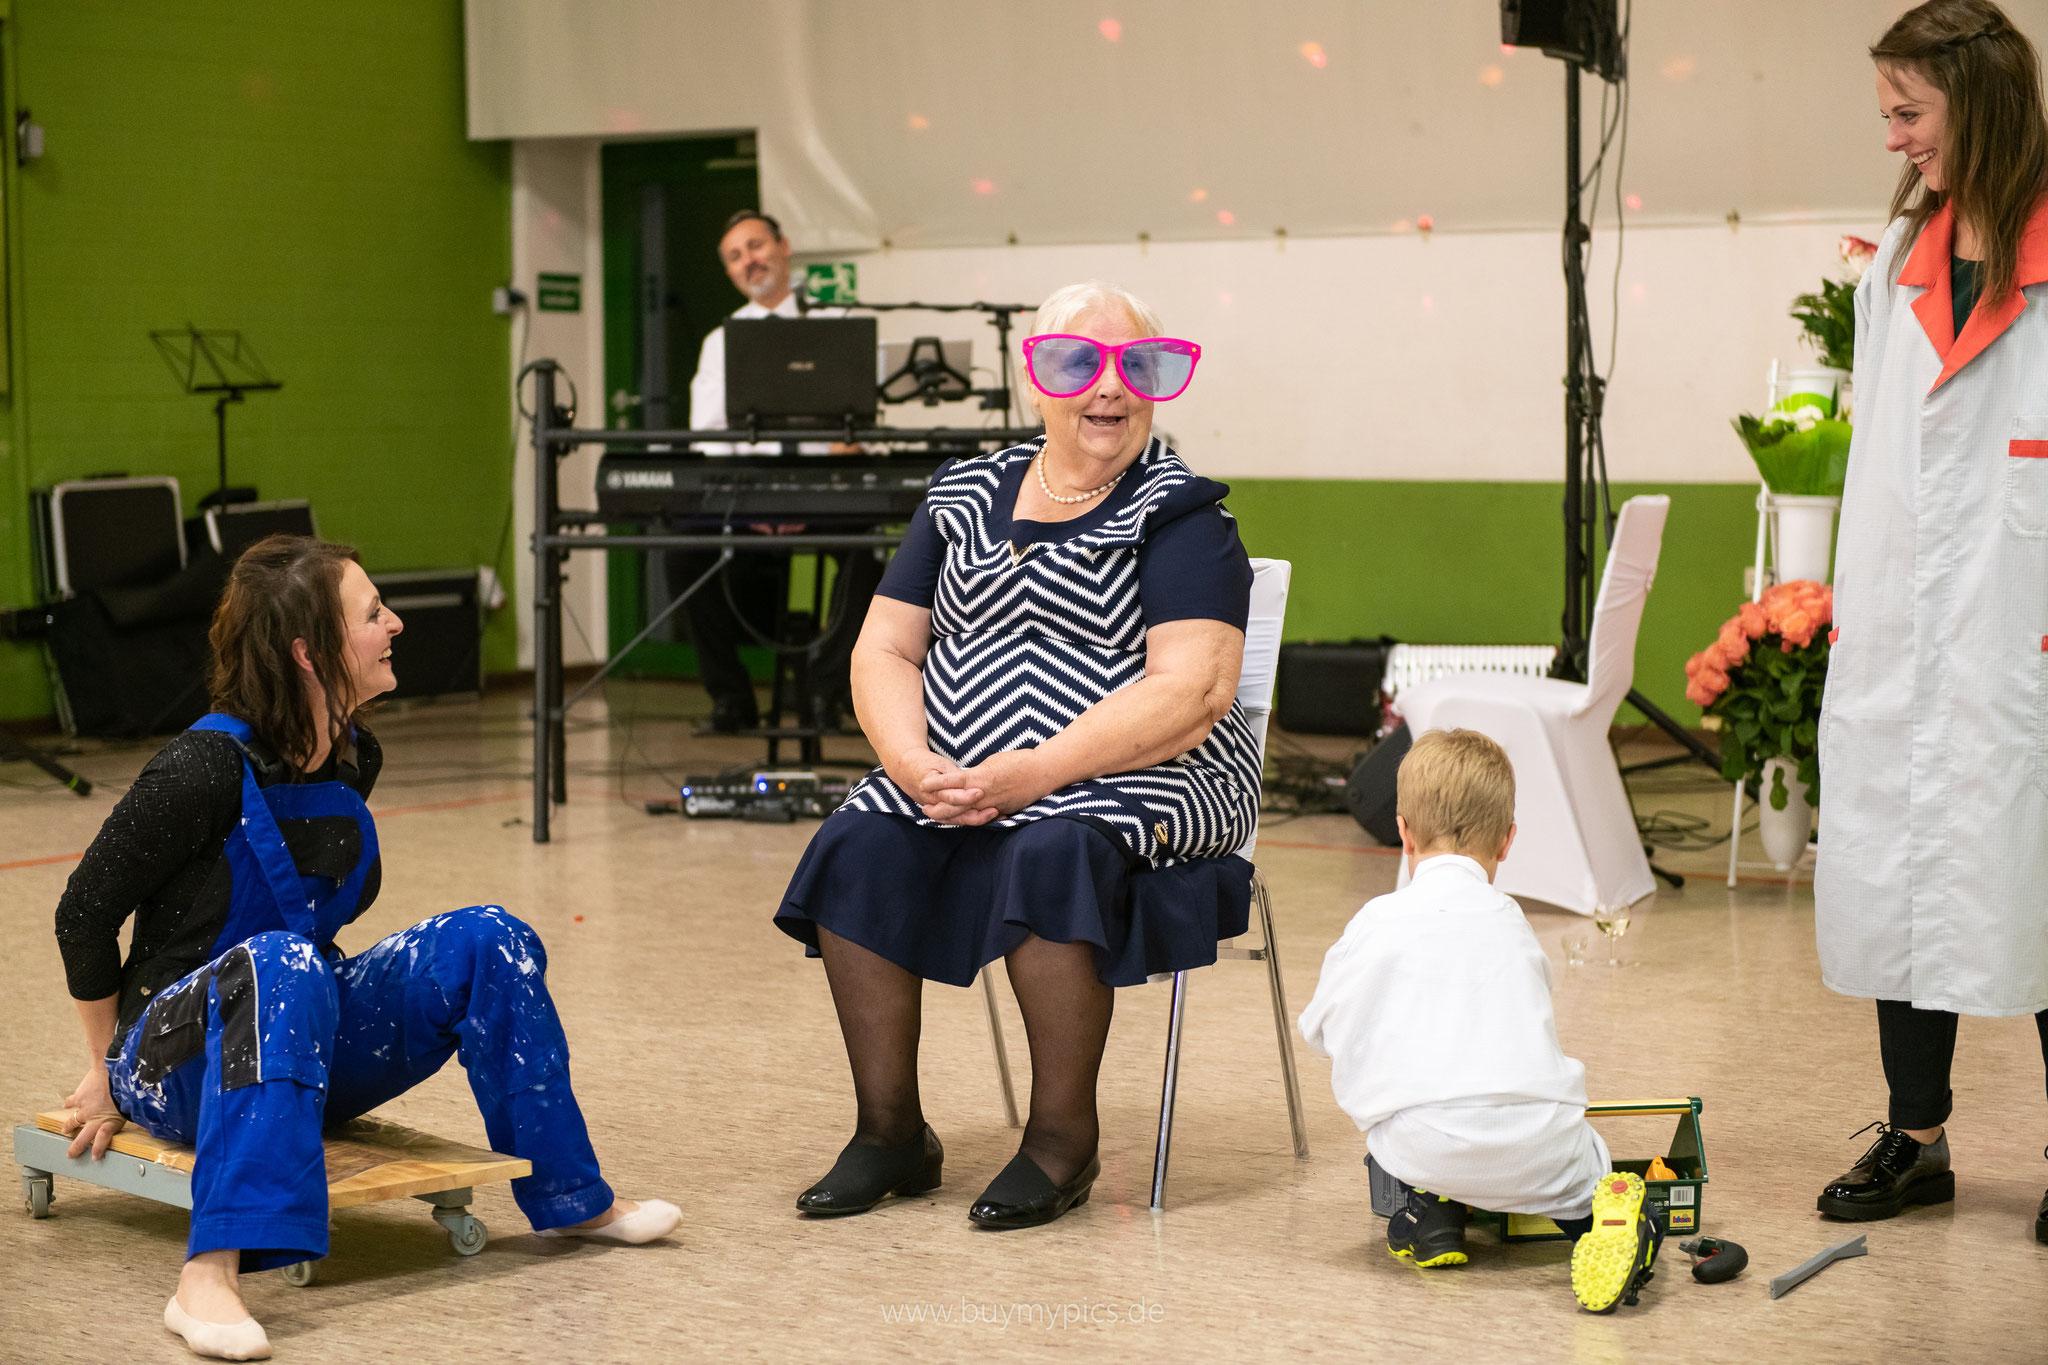 Profi Kameramann für russisches Jubiläum, Geburtstag und Feier in Greifenstein und Umgebung